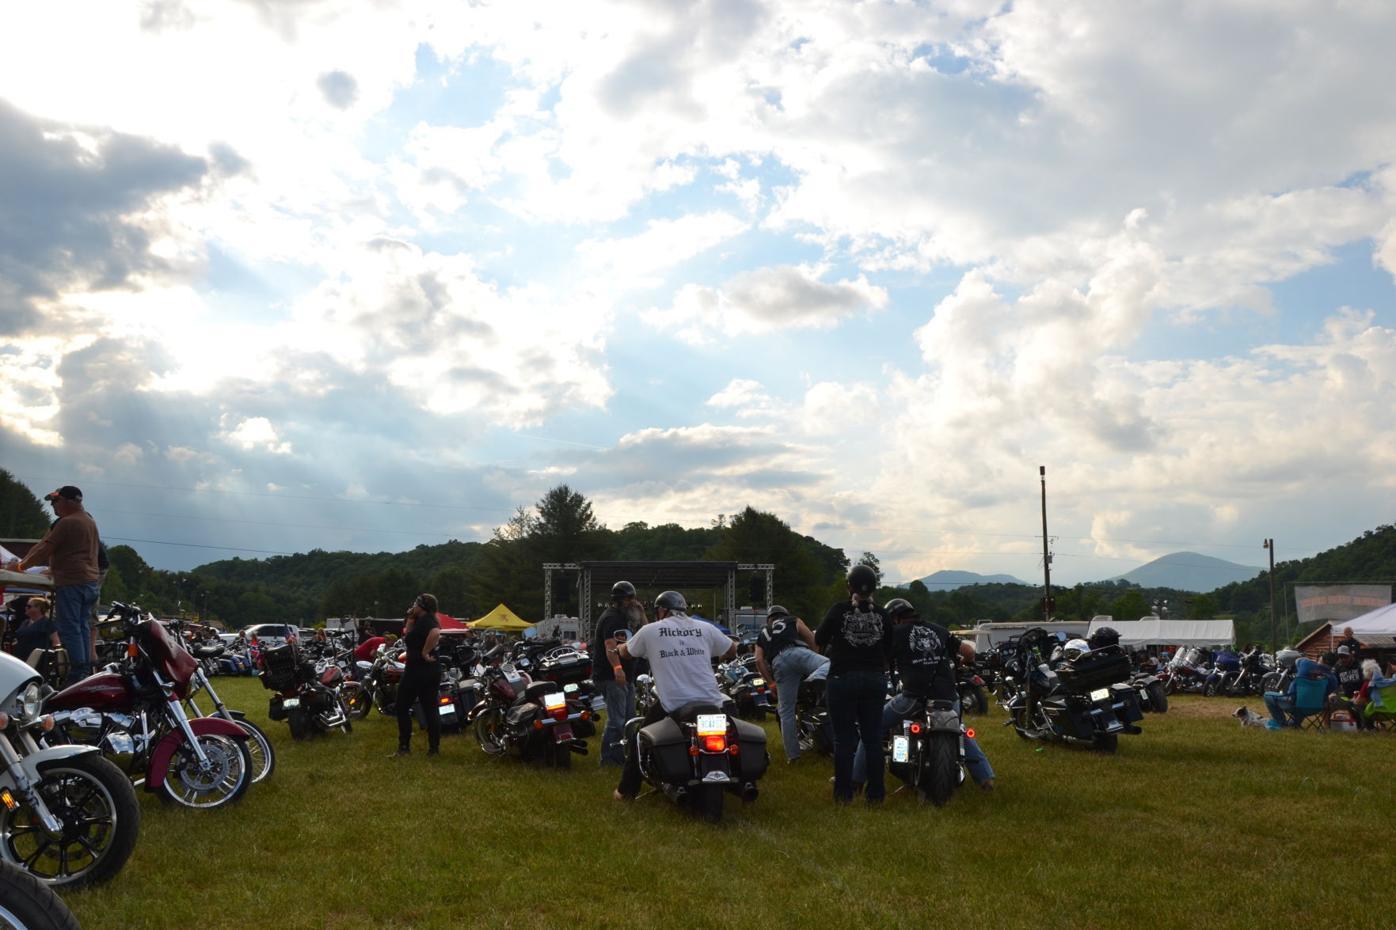 Bikers at Boone Bike Rally